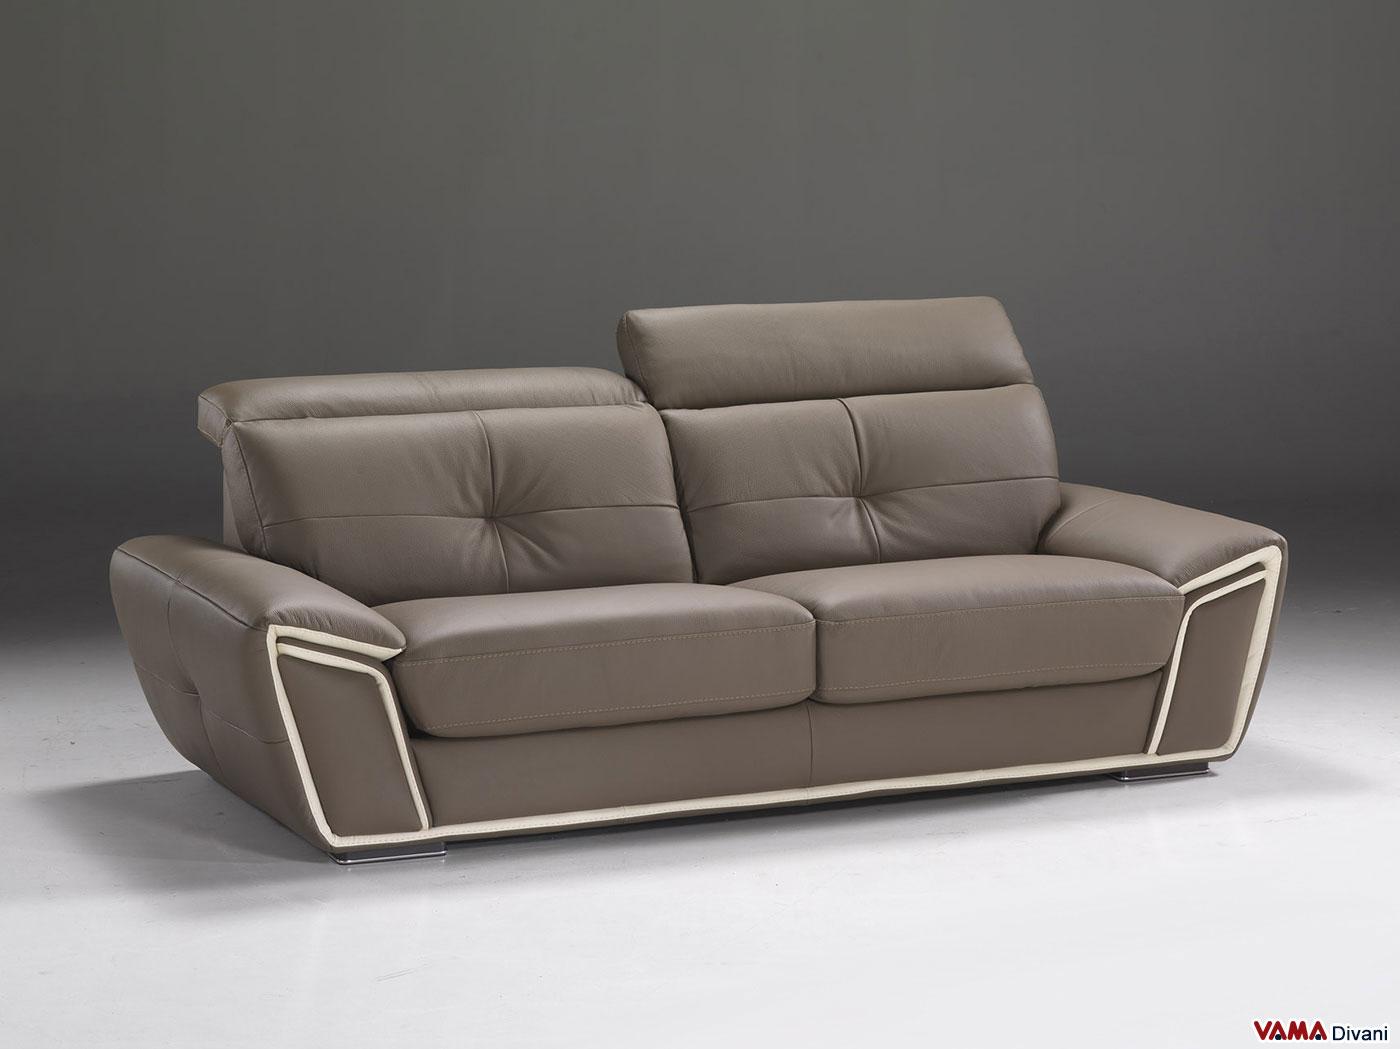 divano moderno in pelle con poggiatesta regolabili